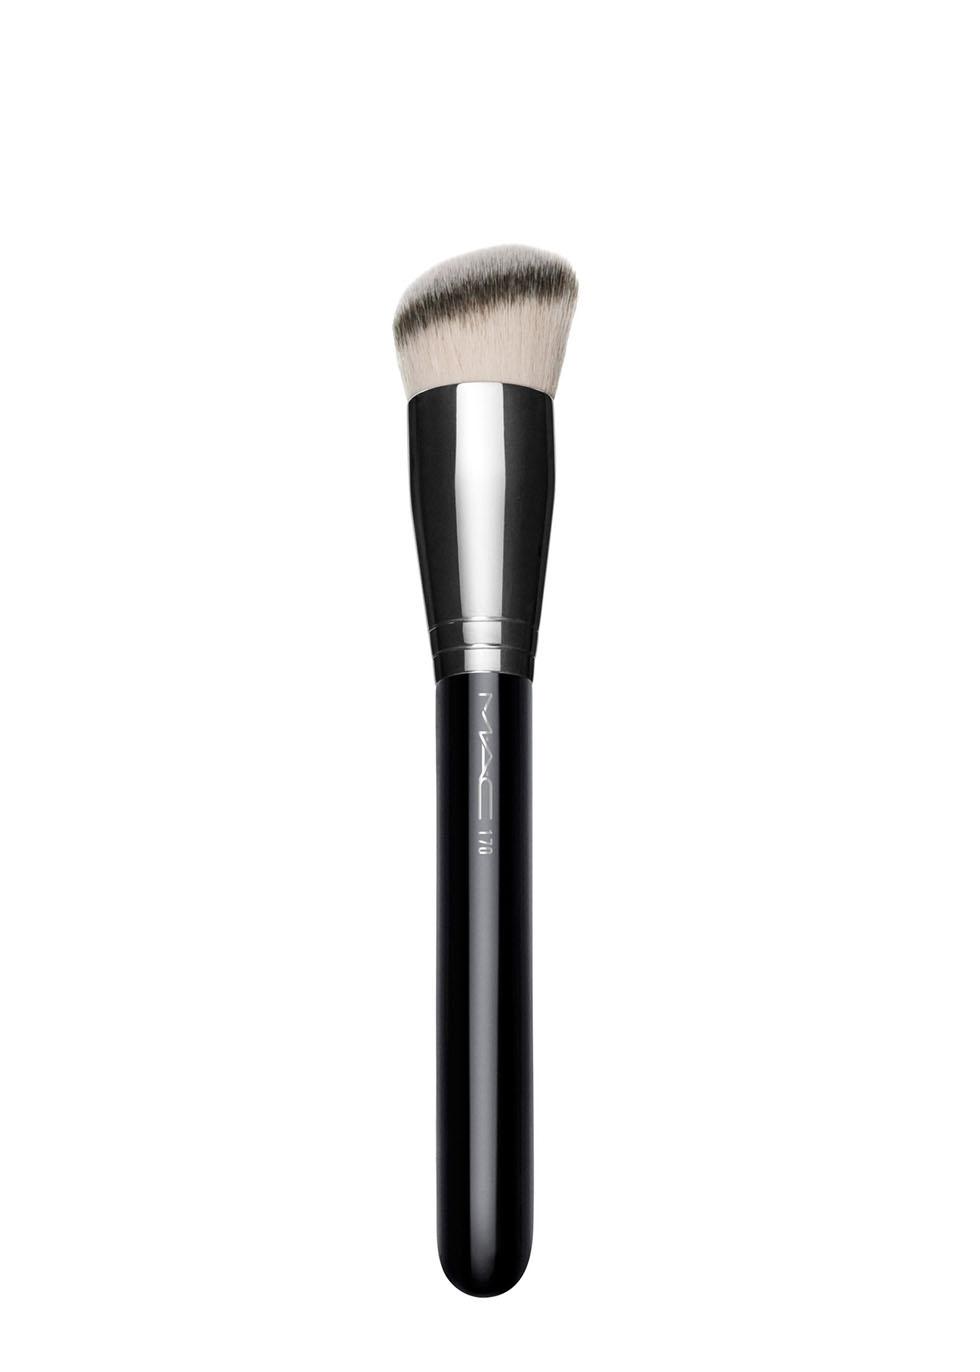 170 Synthetic Rounded Slant Brush